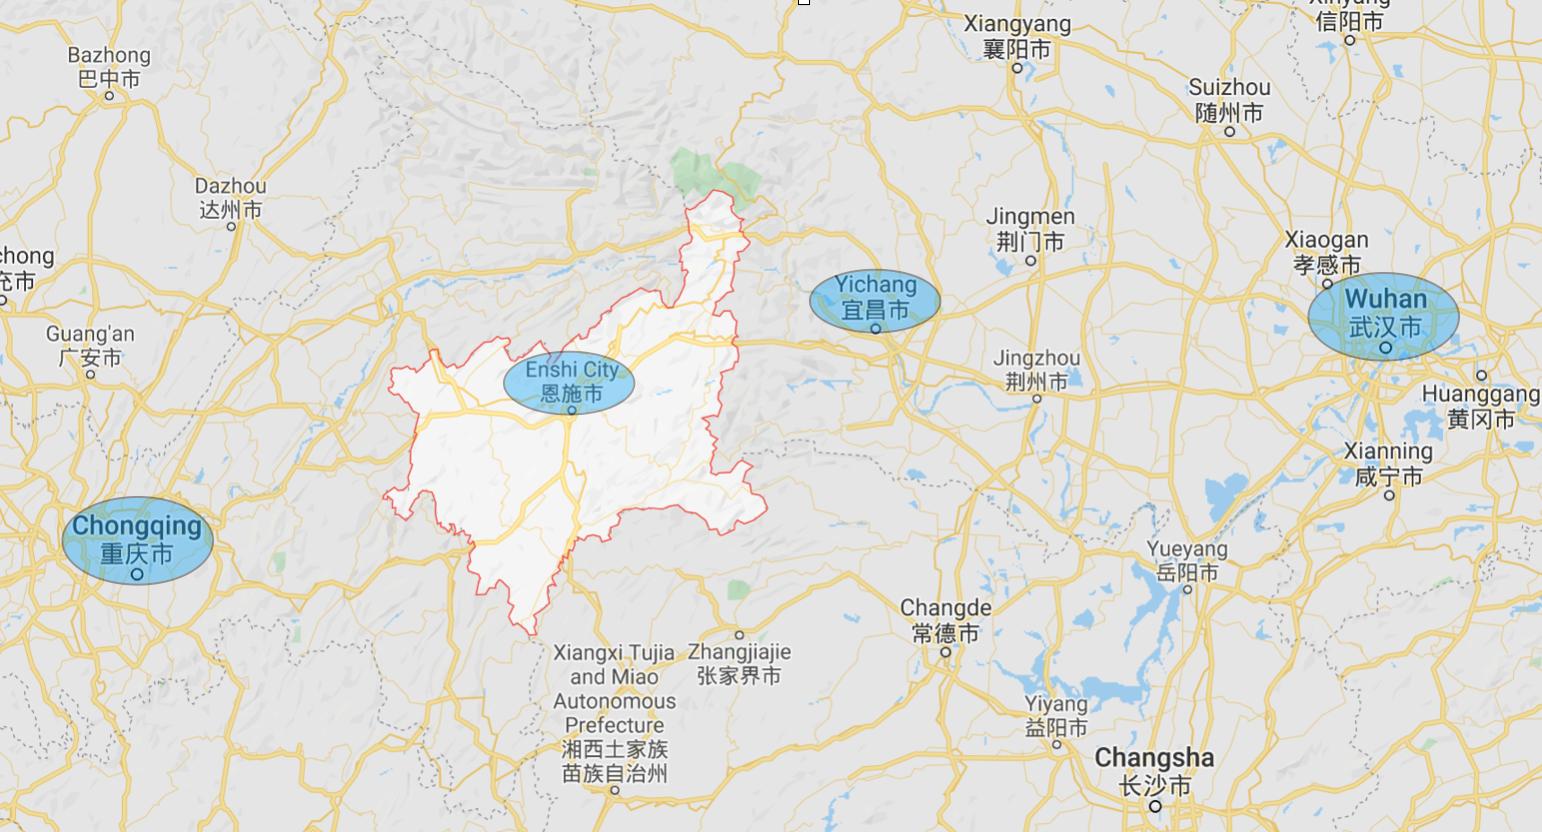 長江迎來2號洪峰,三峽洩洪,湖北恩施泡在水中。(Google Map)